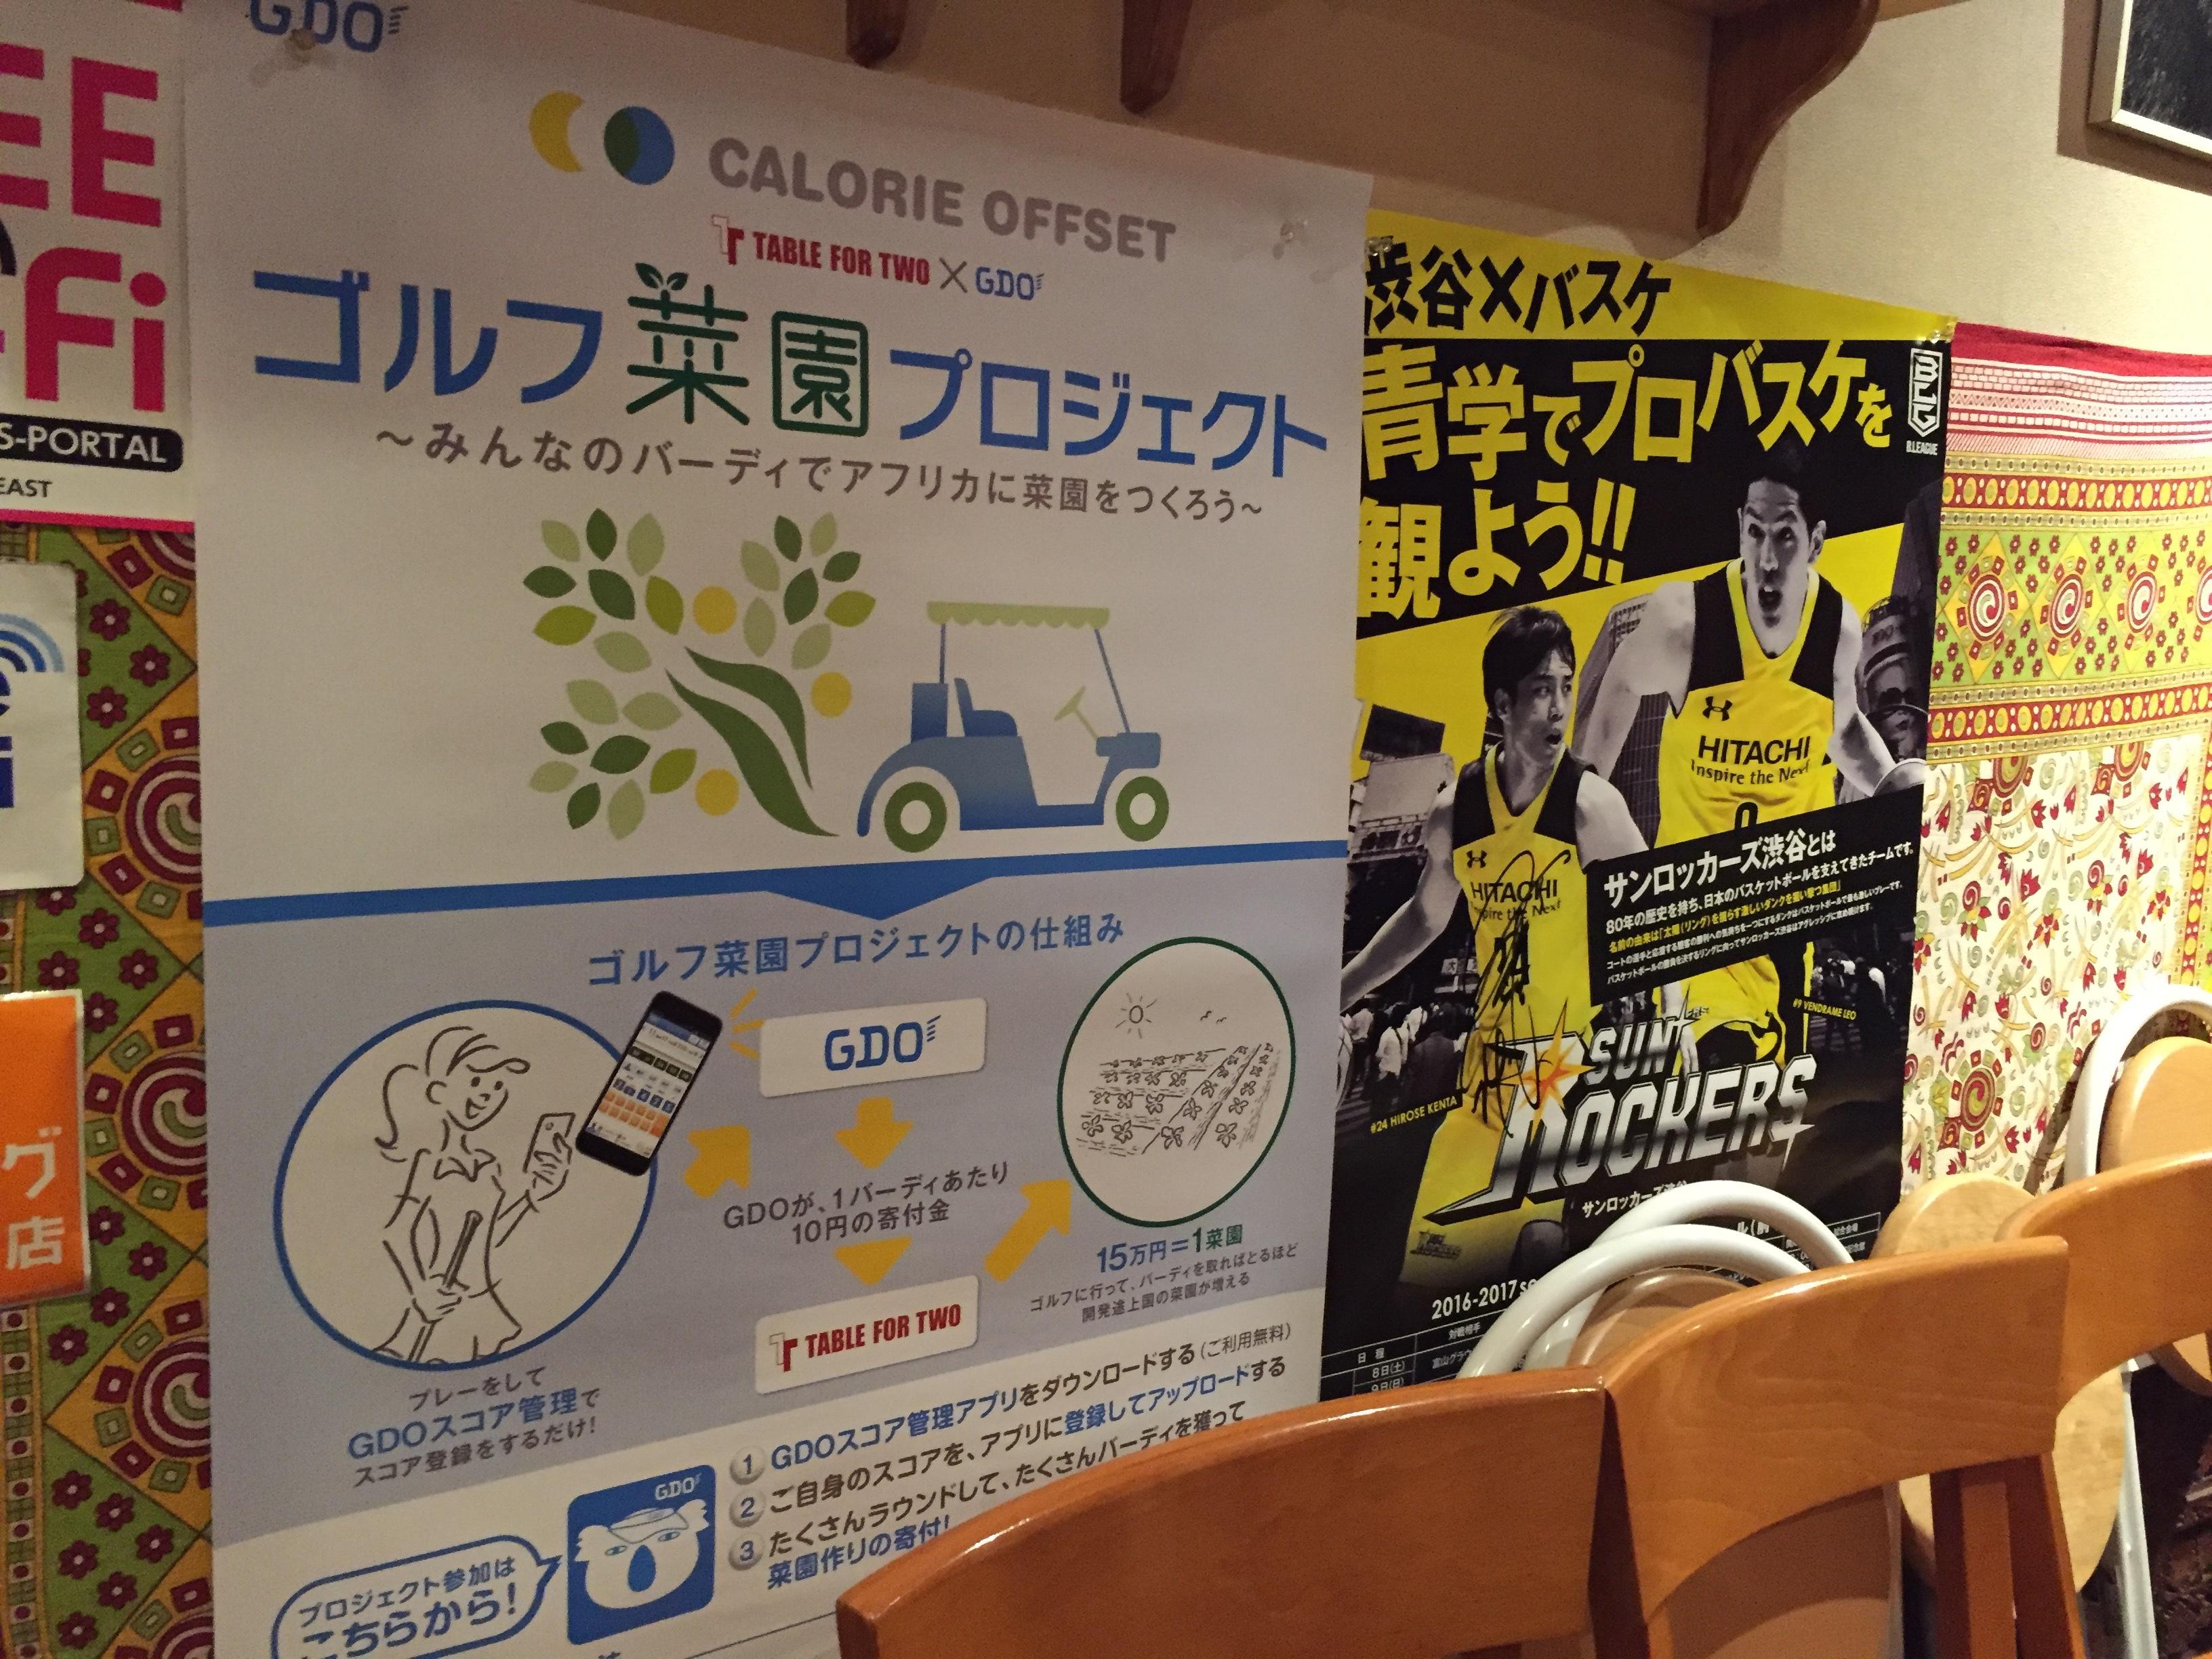 ゴルフ菜園プロジェクト 〜アンバサダー募集!〜